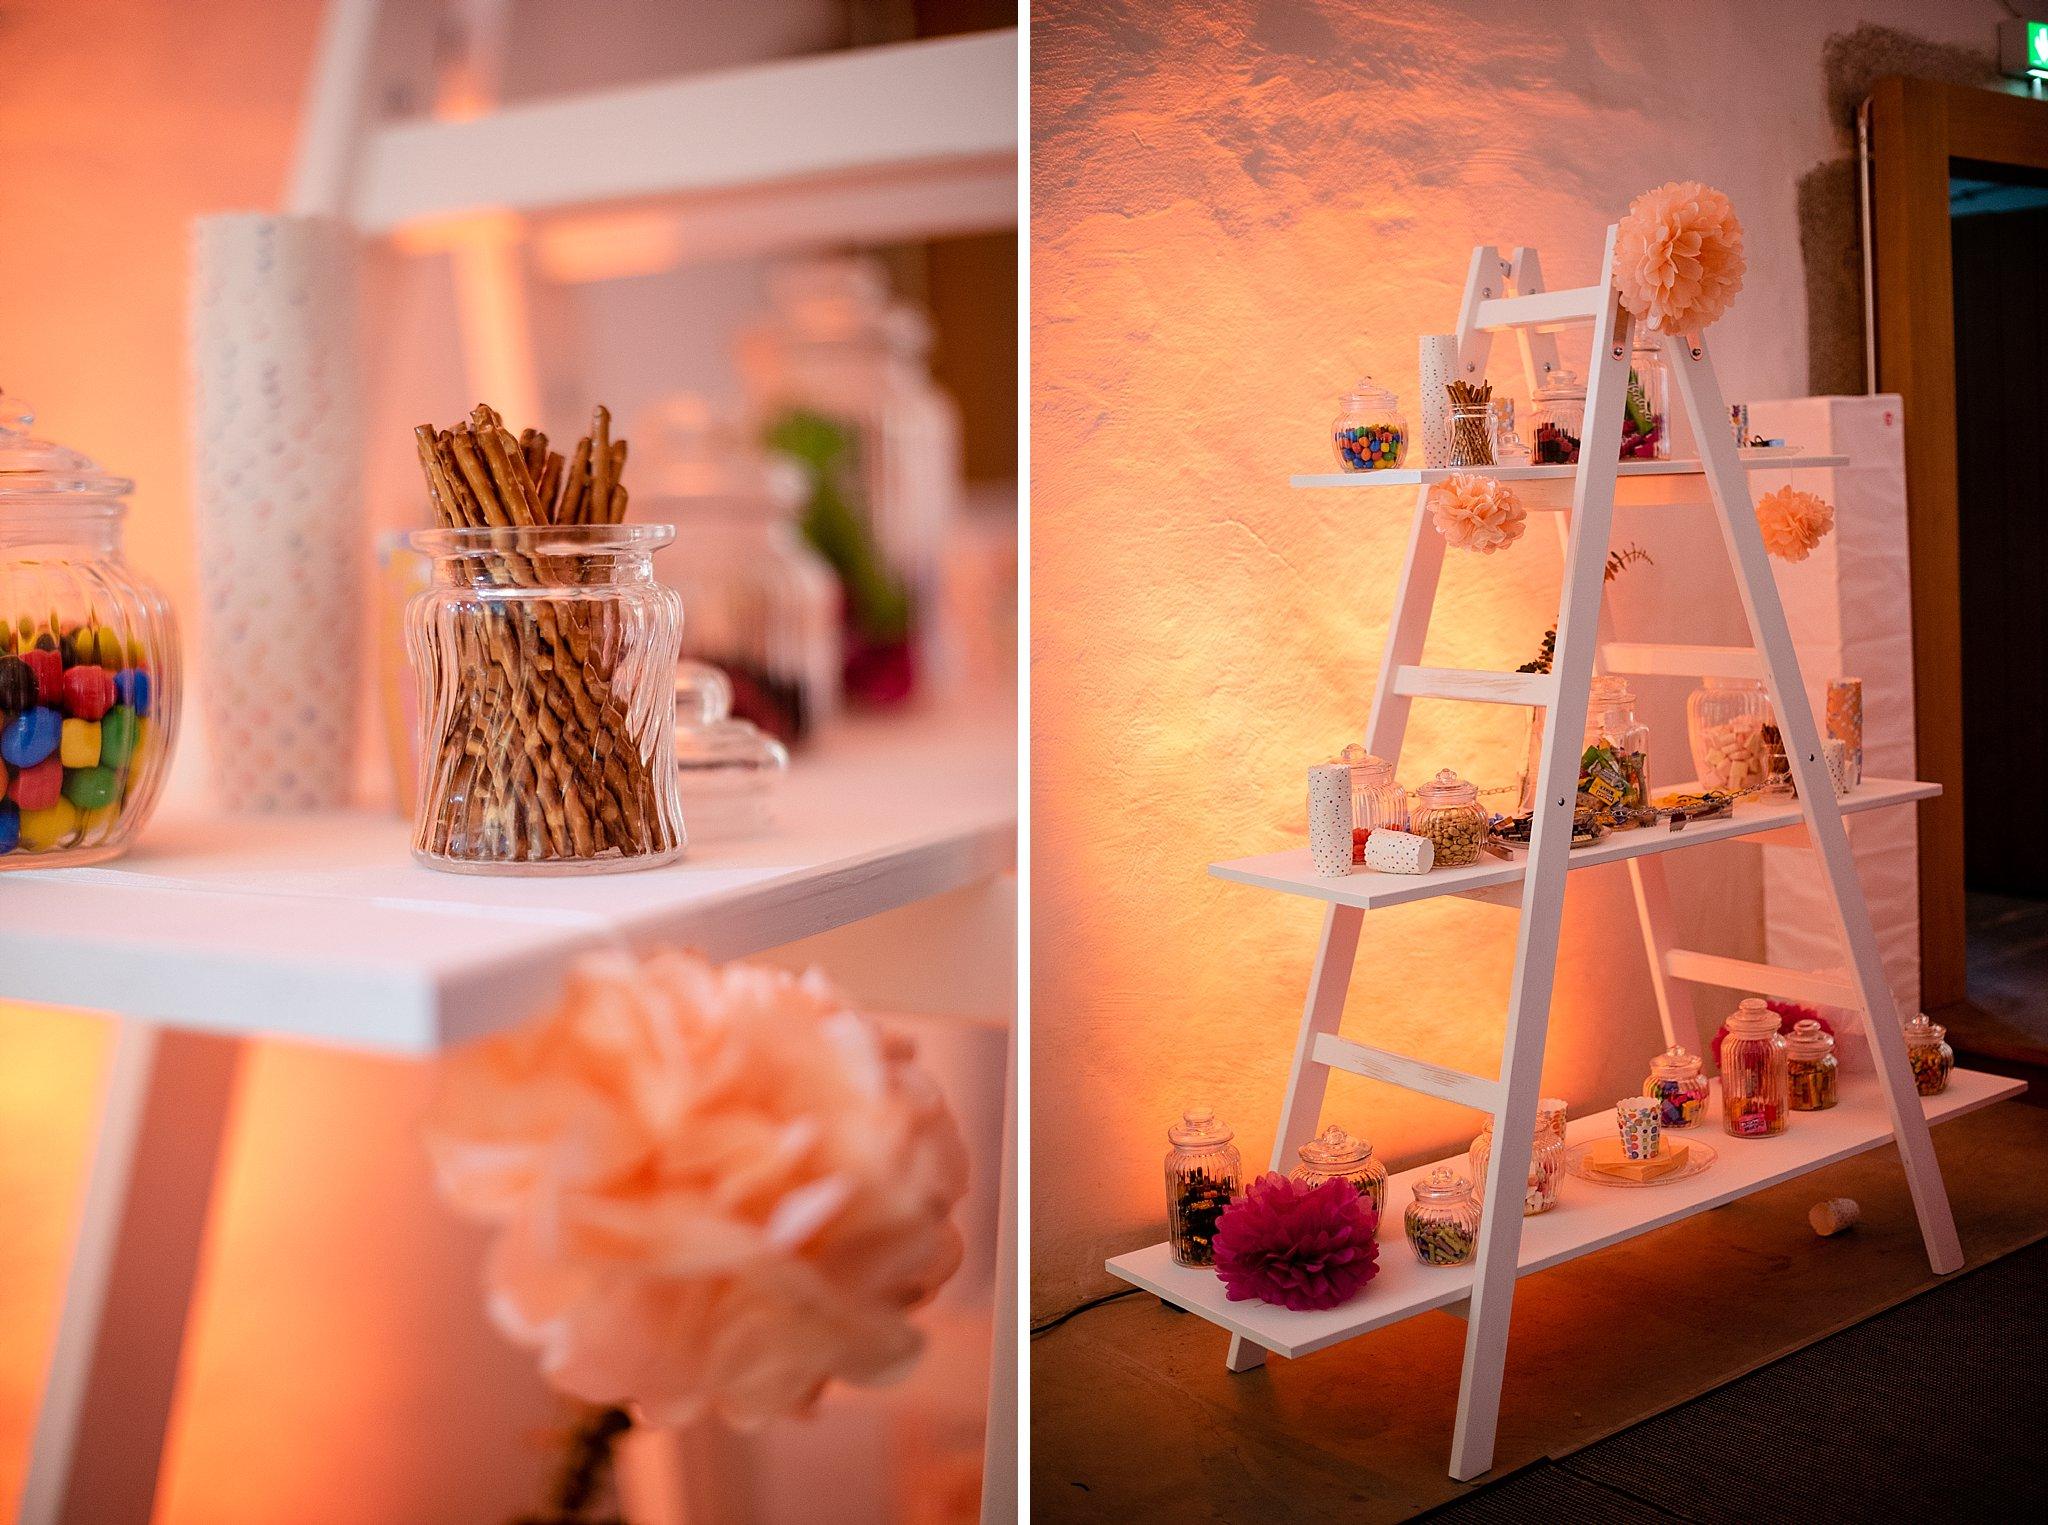 Hochzeit-von-Marina-Dominik-auf-Burg-Wernberg-und-Schloss-Friedrichsburg-00017